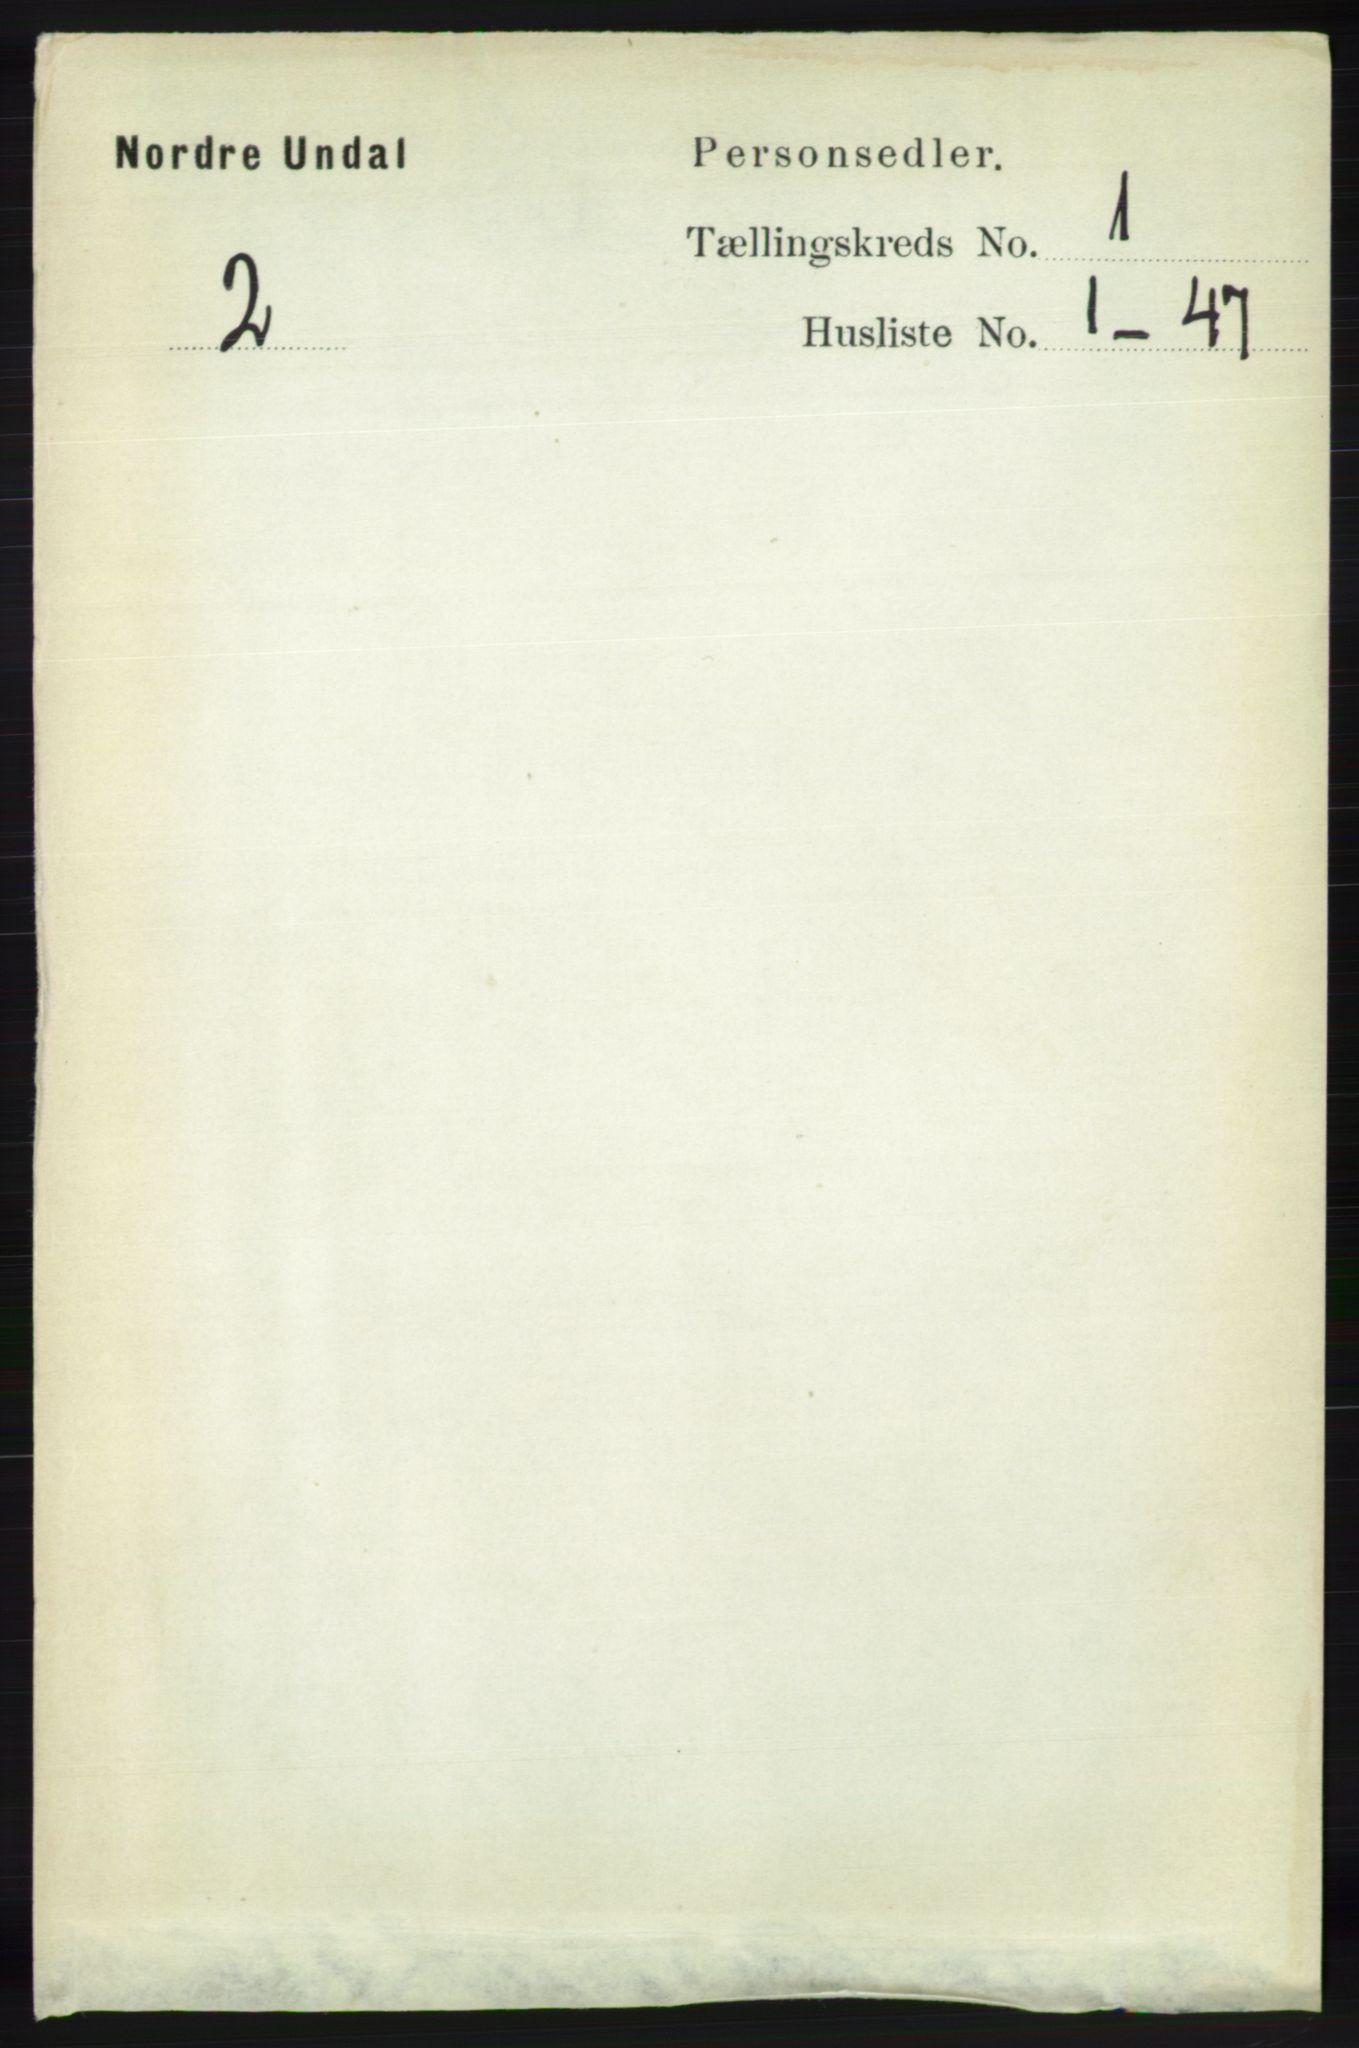 RA, Folketelling 1891 for 1028 Nord-Audnedal herred, 1891, s. 72